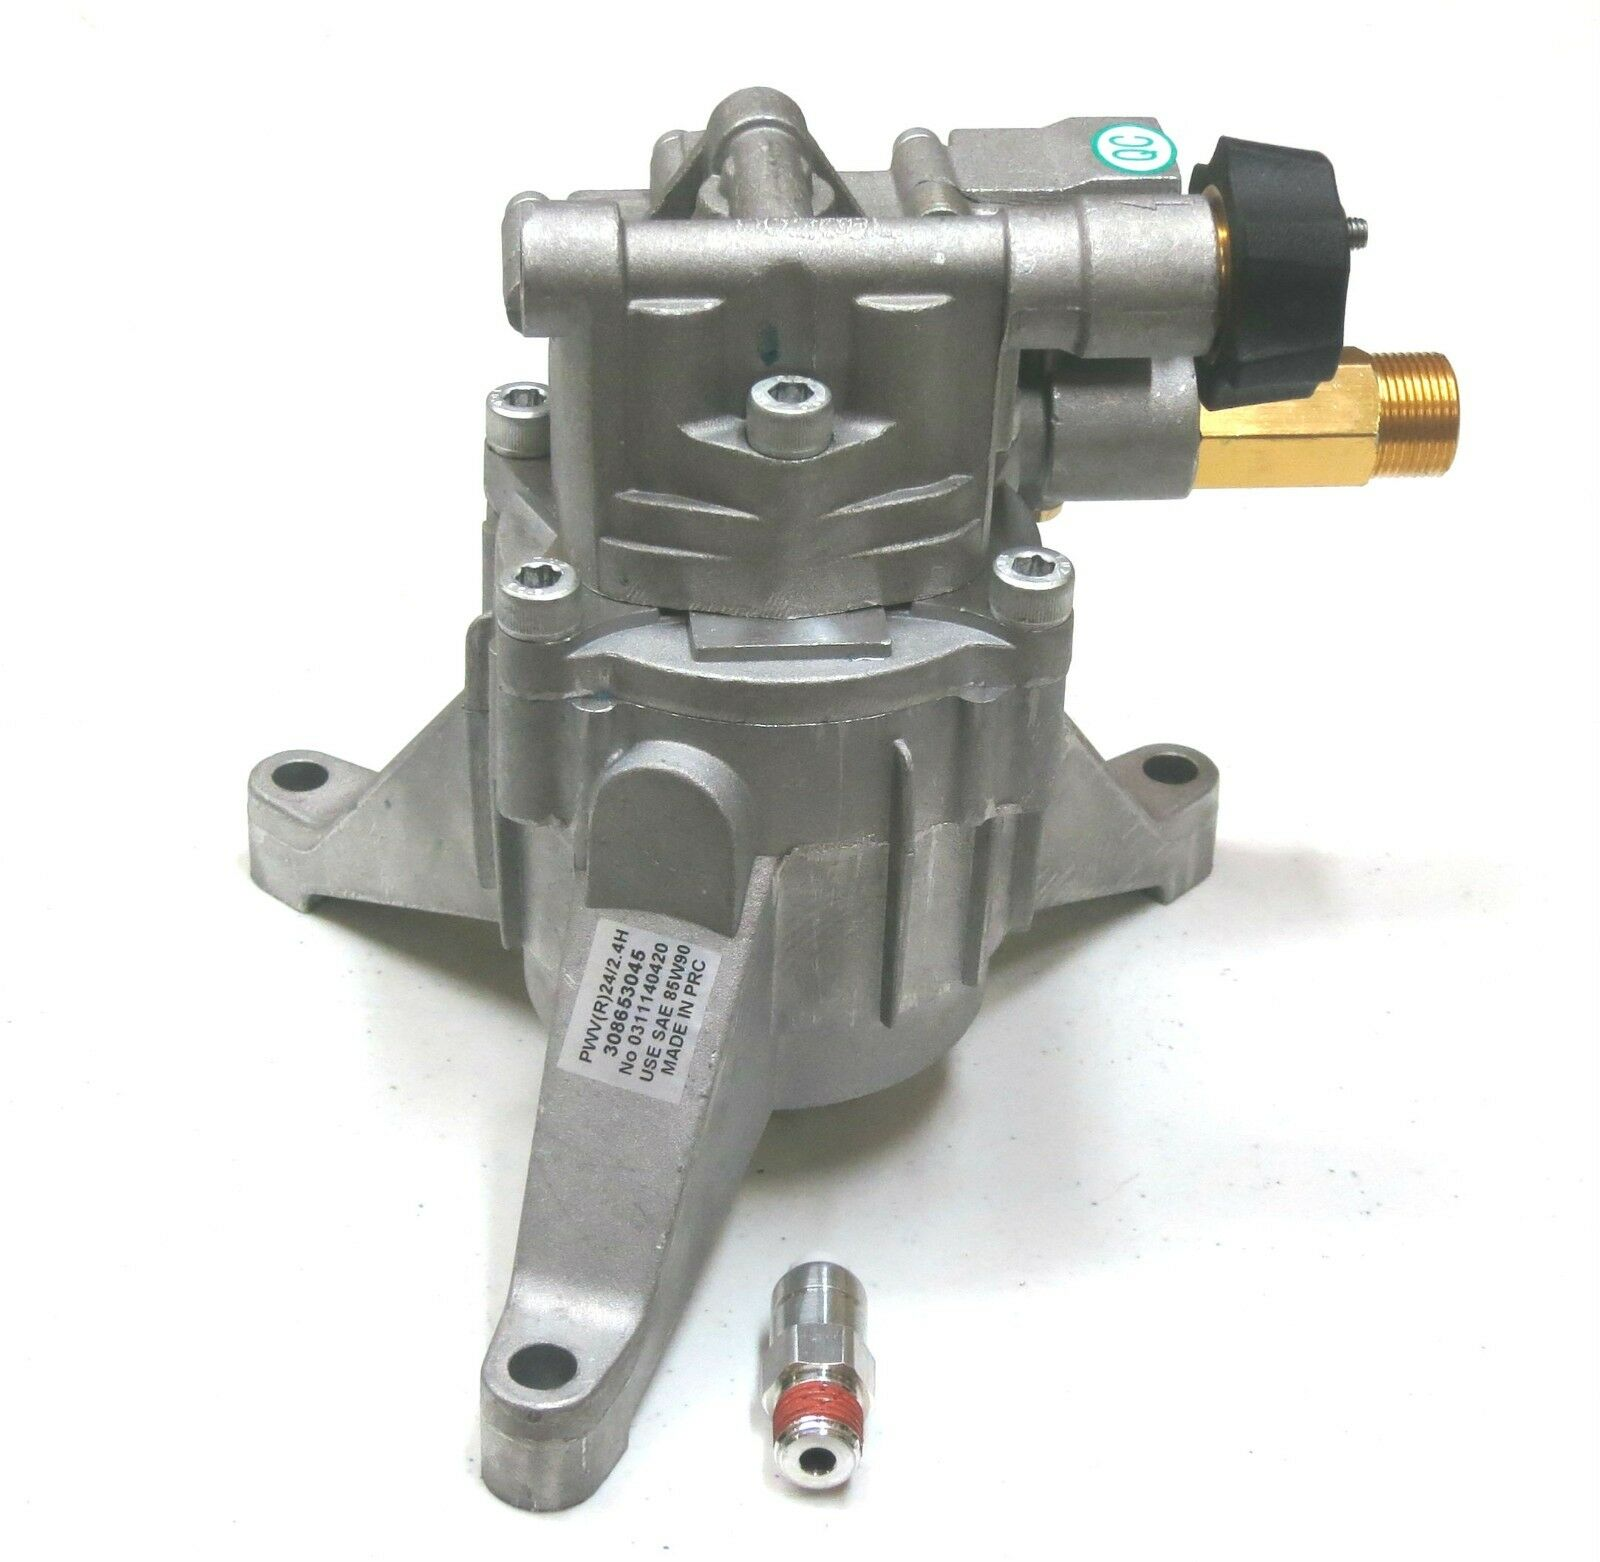 troy bilt pressure washer parts diagram 1999 isuzu rodeo radio wiring new 2800 psi power water pump